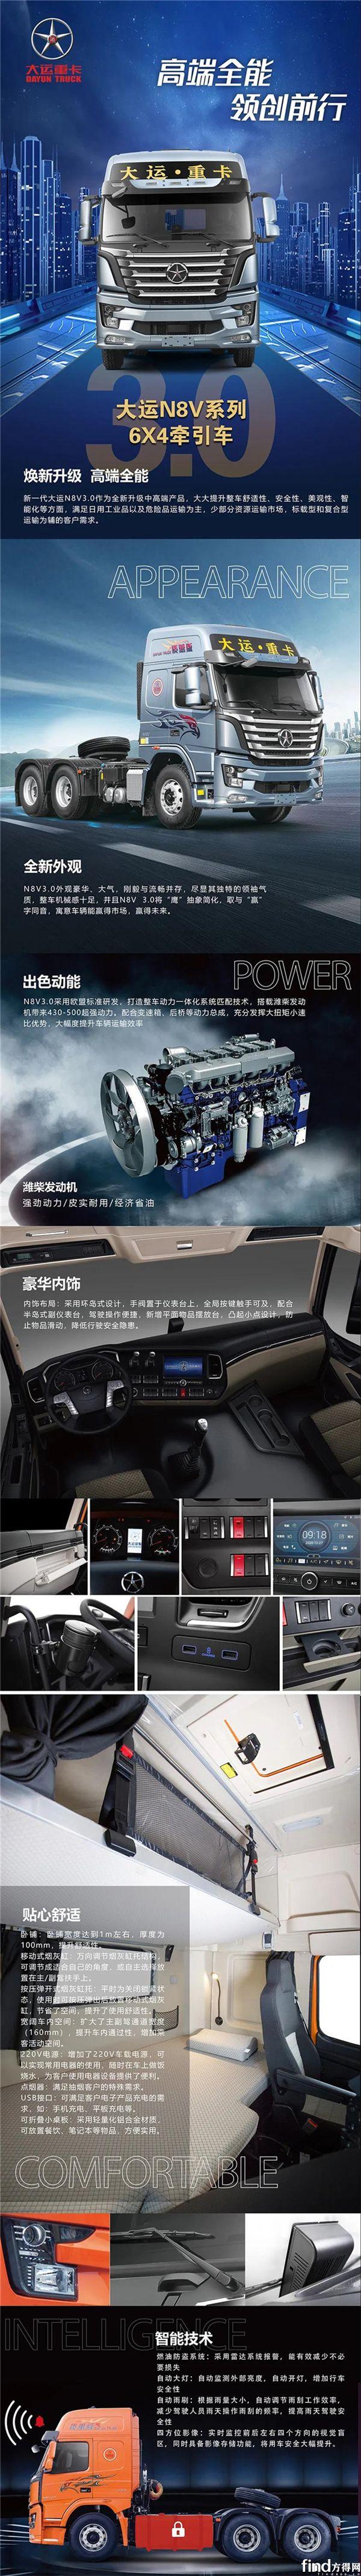 【新品介绍】大运N8V系列牵引车3.0版产品详解